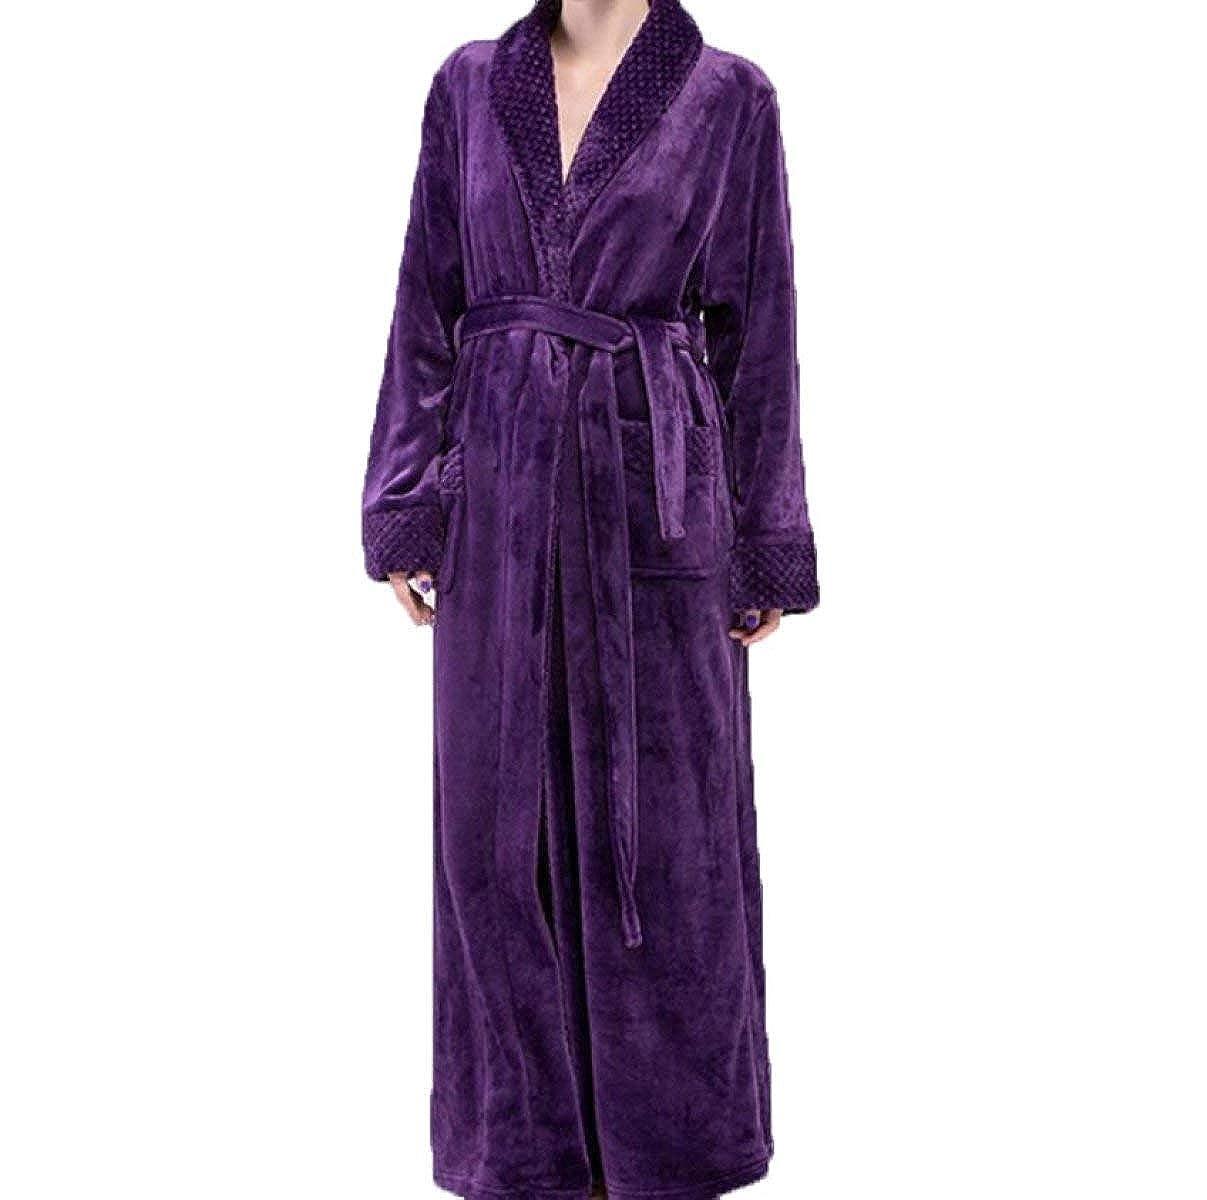 Botas De Invierno Cálidas para Mujer Traje Casuales Franela Mujeres De Batas Simples Color Simple Servicio A Domicilio Pijamas Albornoz (Color : Purple, ...